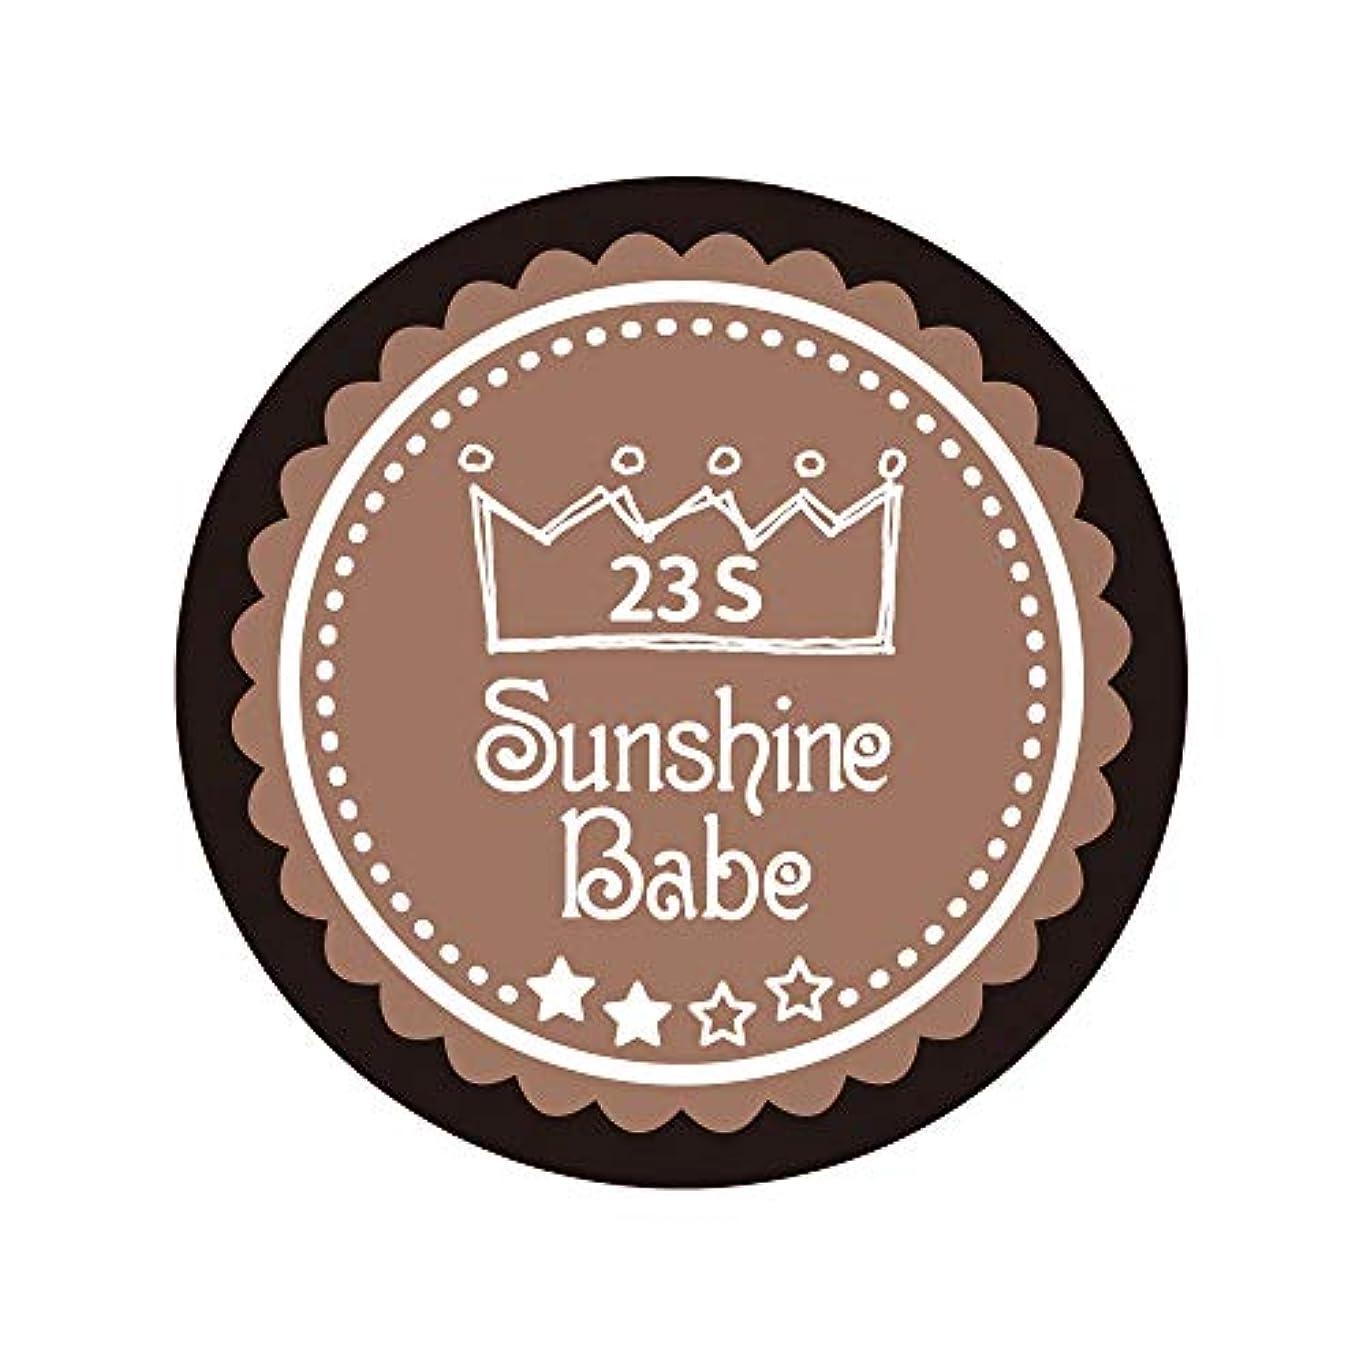 囲い同志皮Sunshine Babe カラージェル 23S パティキュリエール 2.7g UV/LED対応